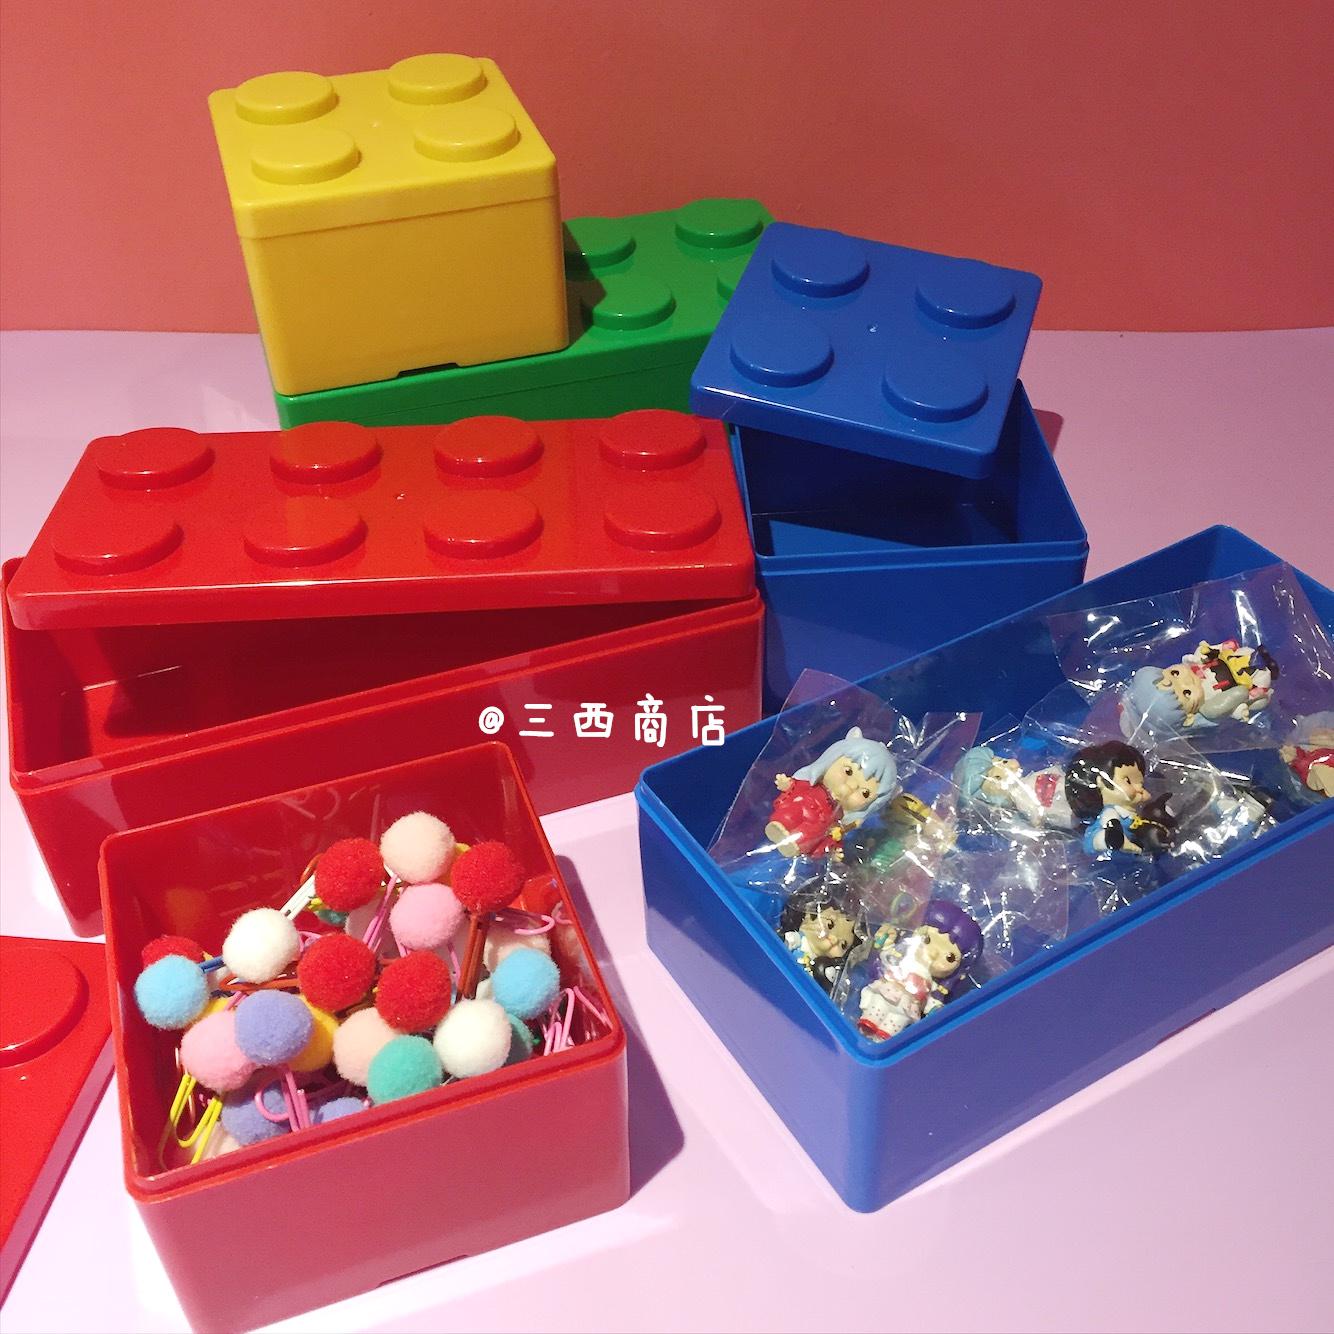 三西商店丨彩色积木造型可叠加收纳盒桌面玩具收纳